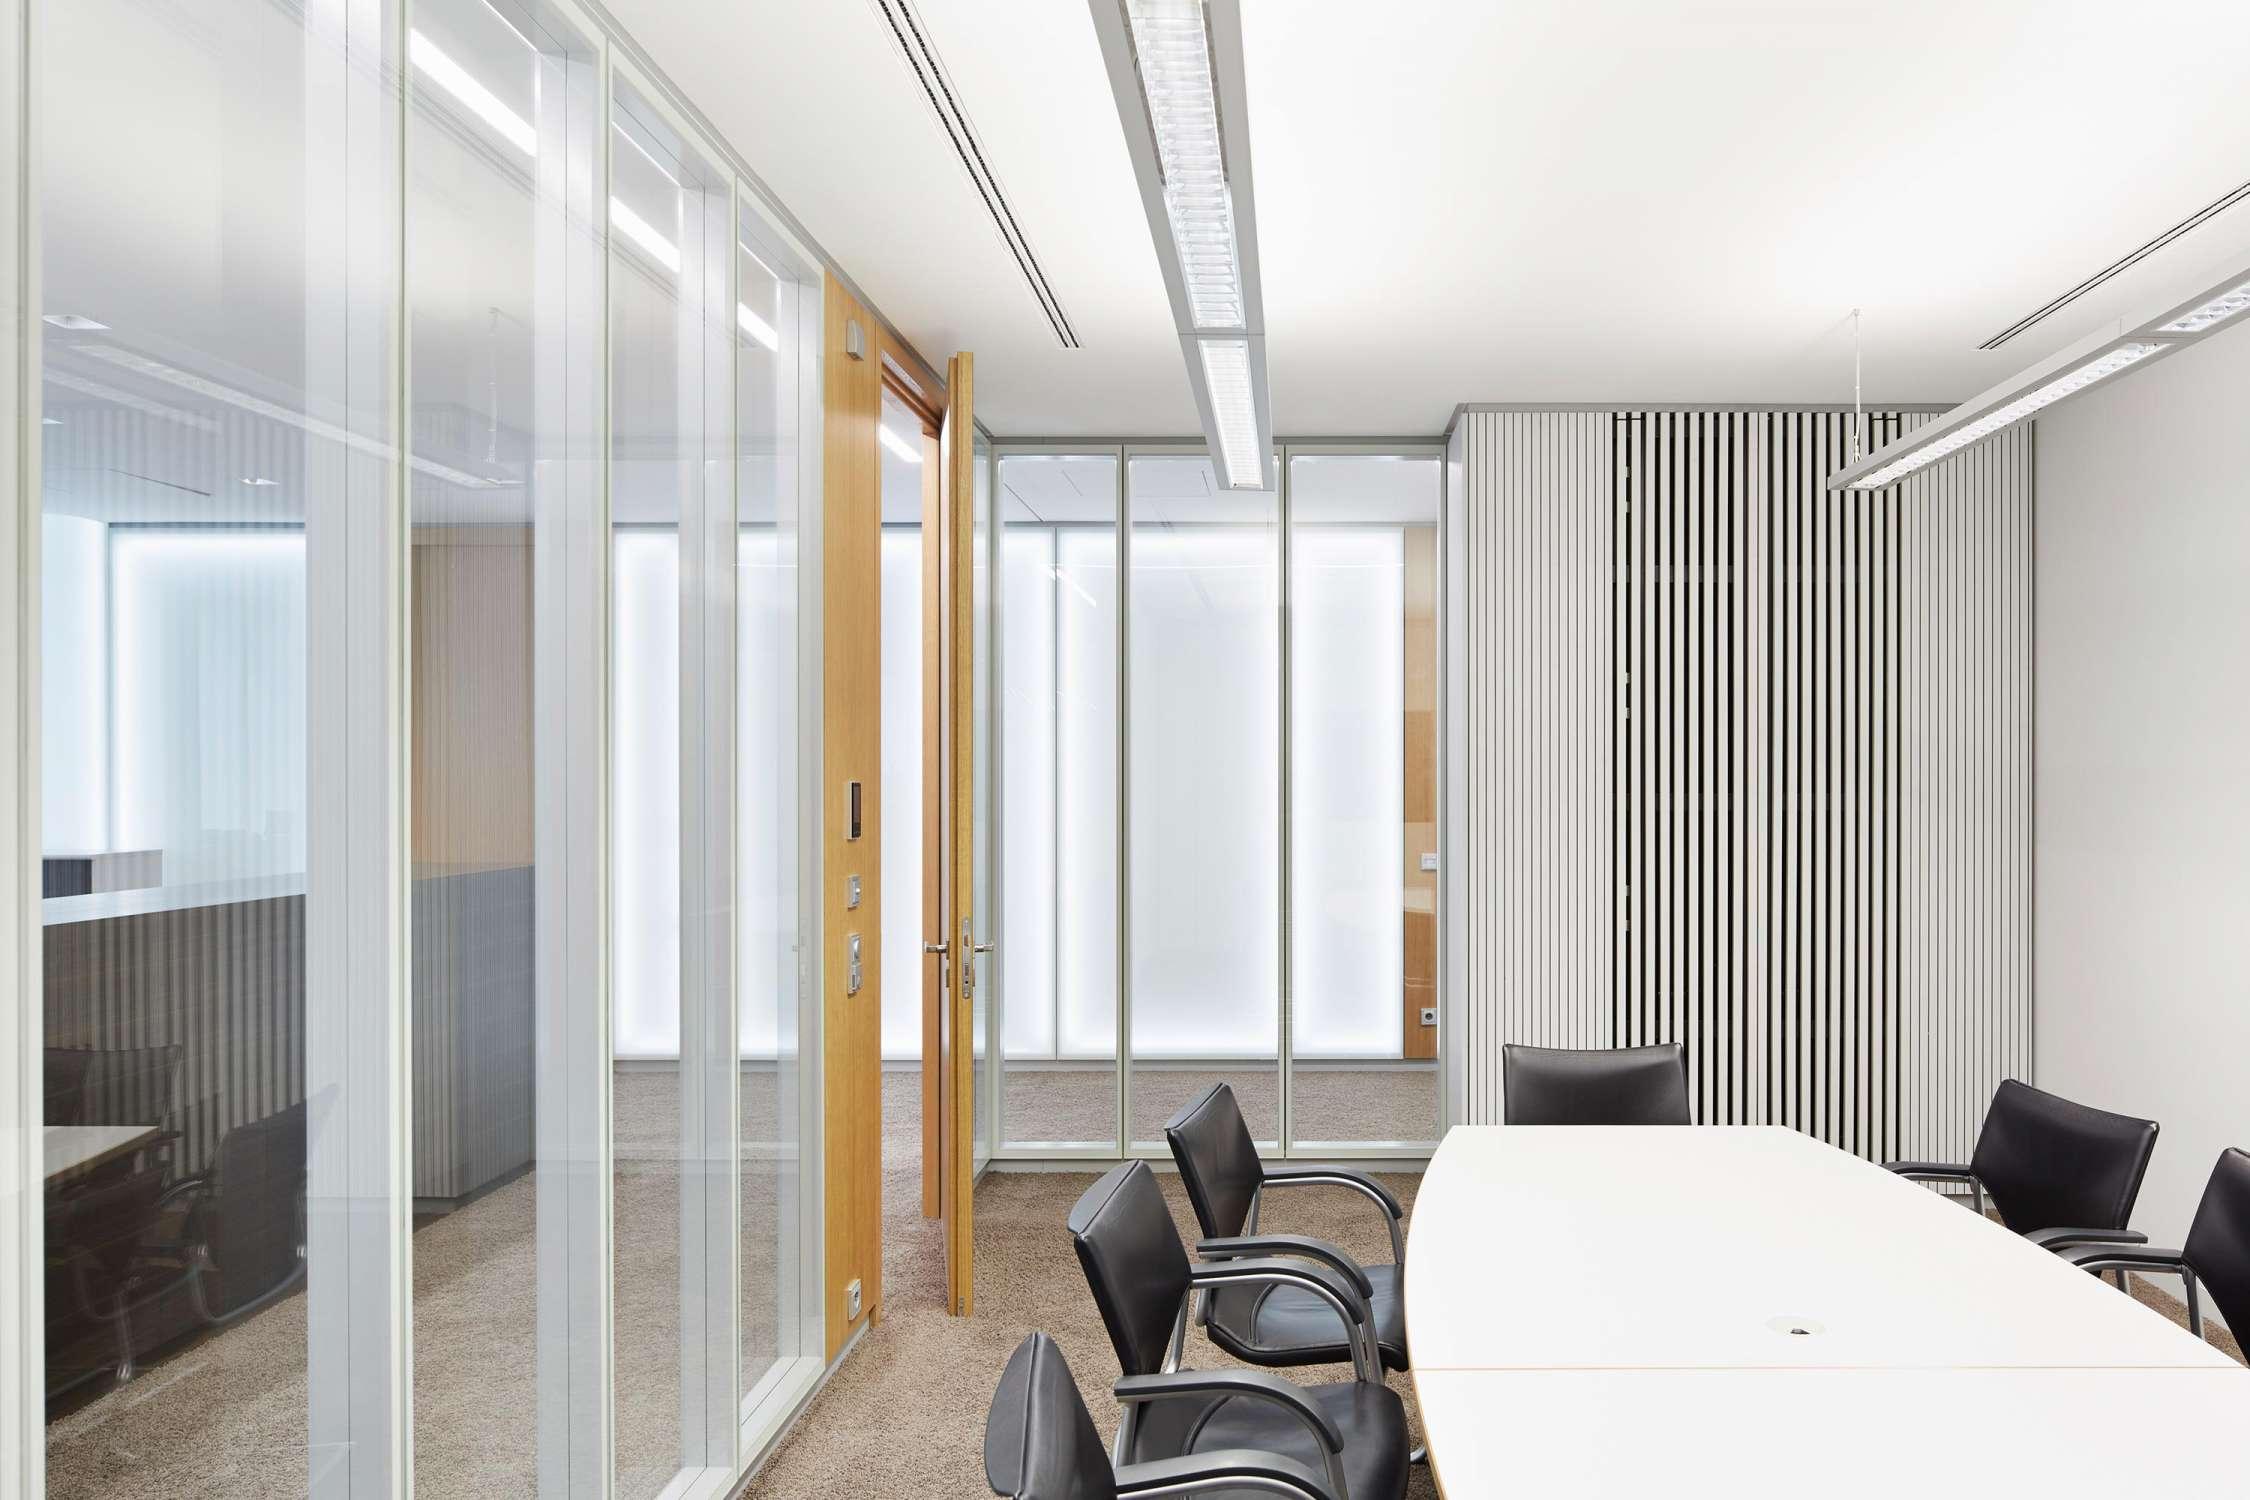 Büro- und Verwaltungsgebäude (8)